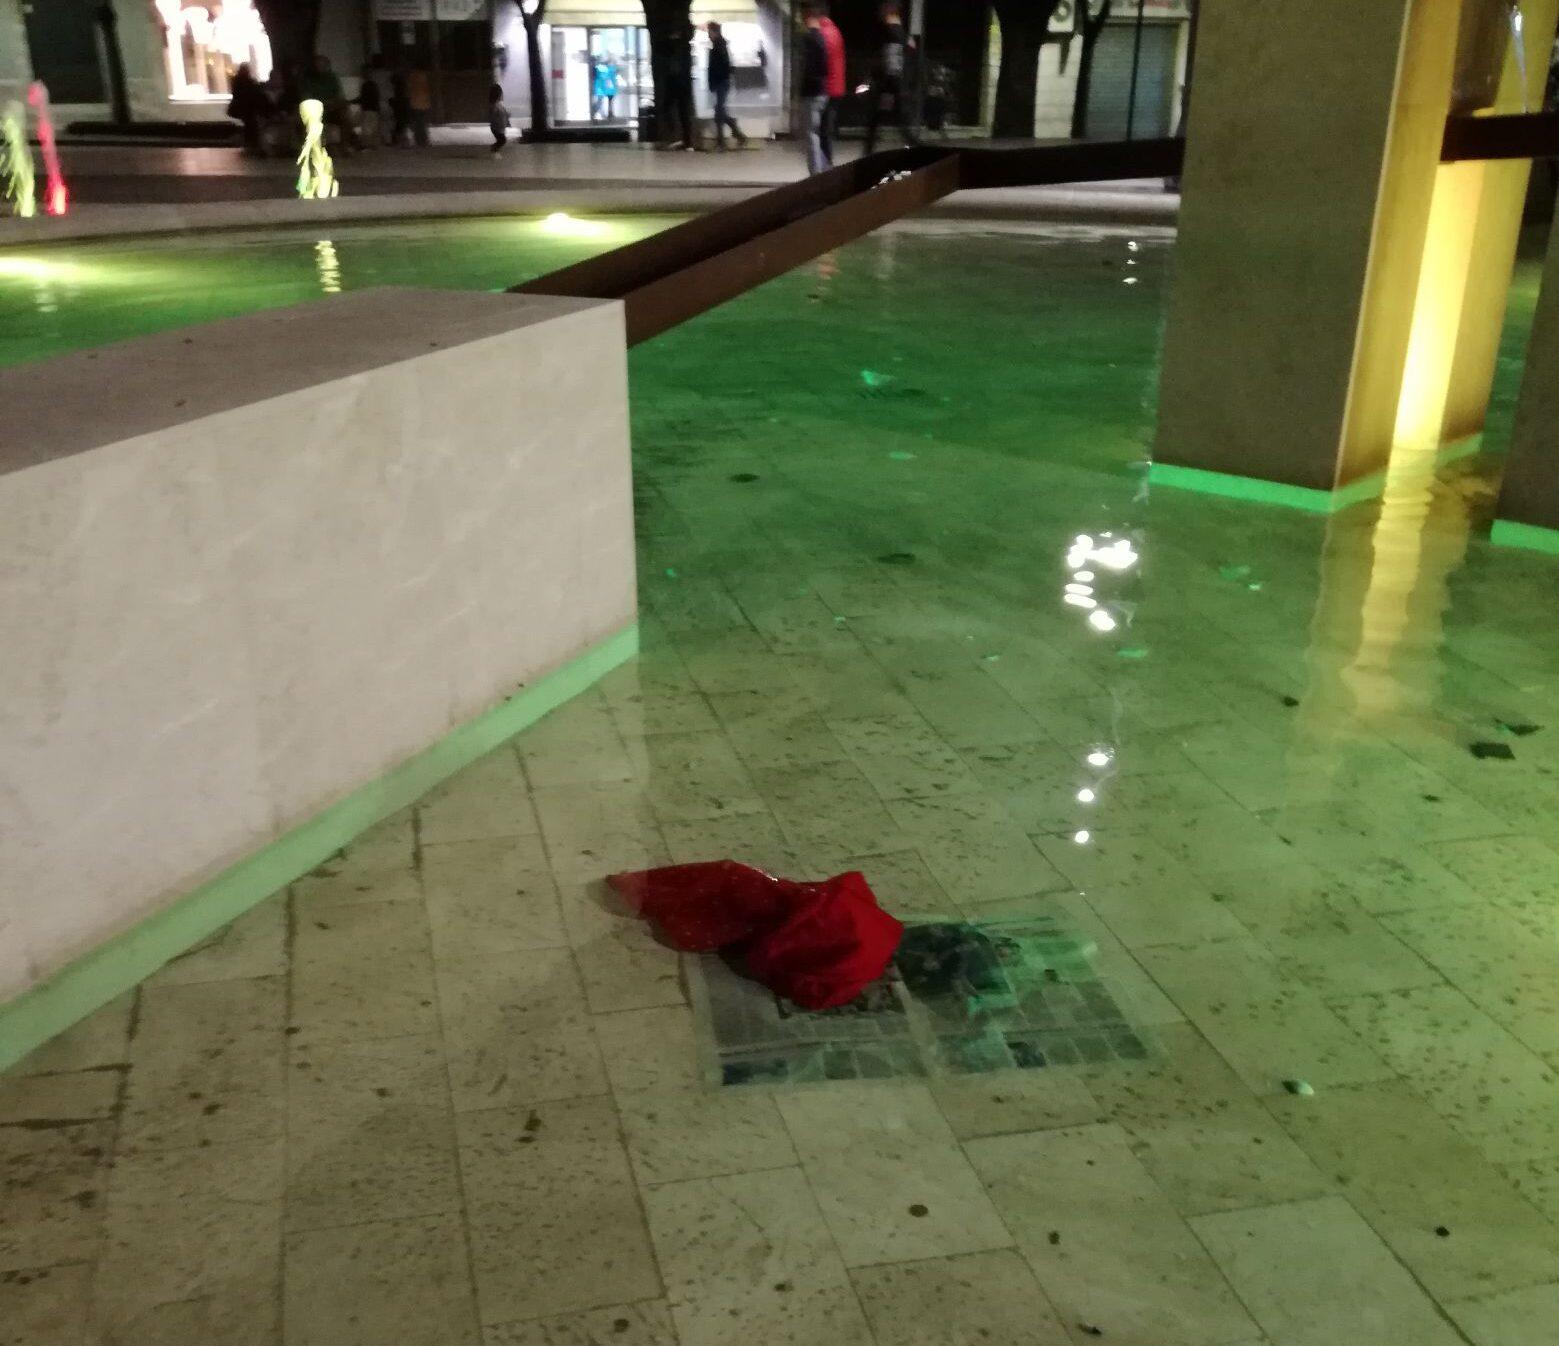 Indumenti nella fontana e rifiuti all'interno delle panchine, l'inciviltà che fa male a Piazza Risorgimento